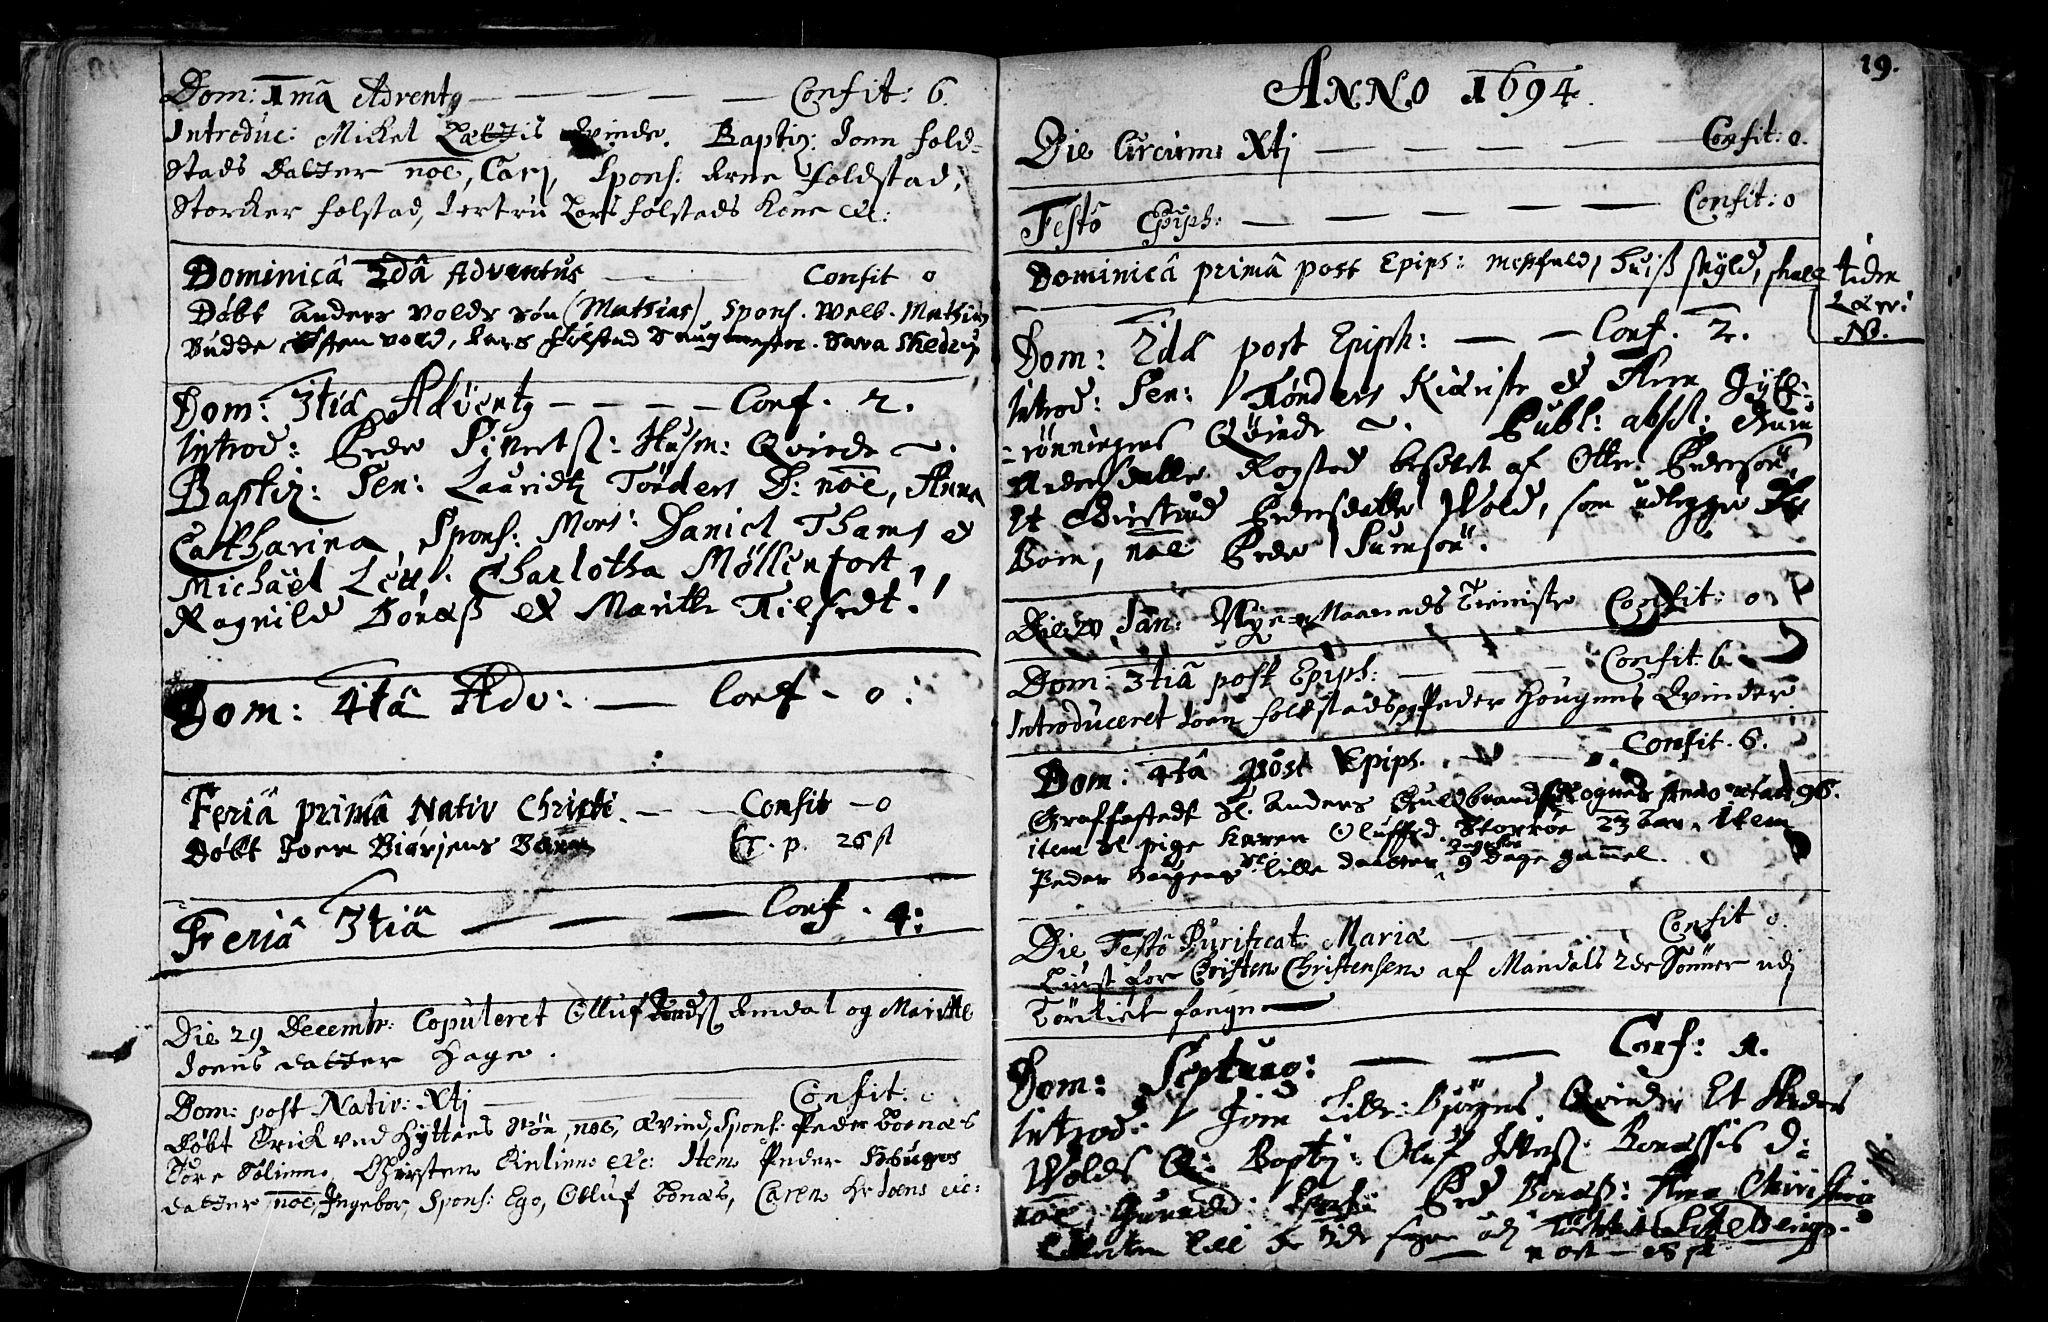 SAT, Ministerialprotokoller, klokkerbøker og fødselsregistre - Sør-Trøndelag, 687/L0990: Ministerialbok nr. 687A01, 1690-1746, s. 19